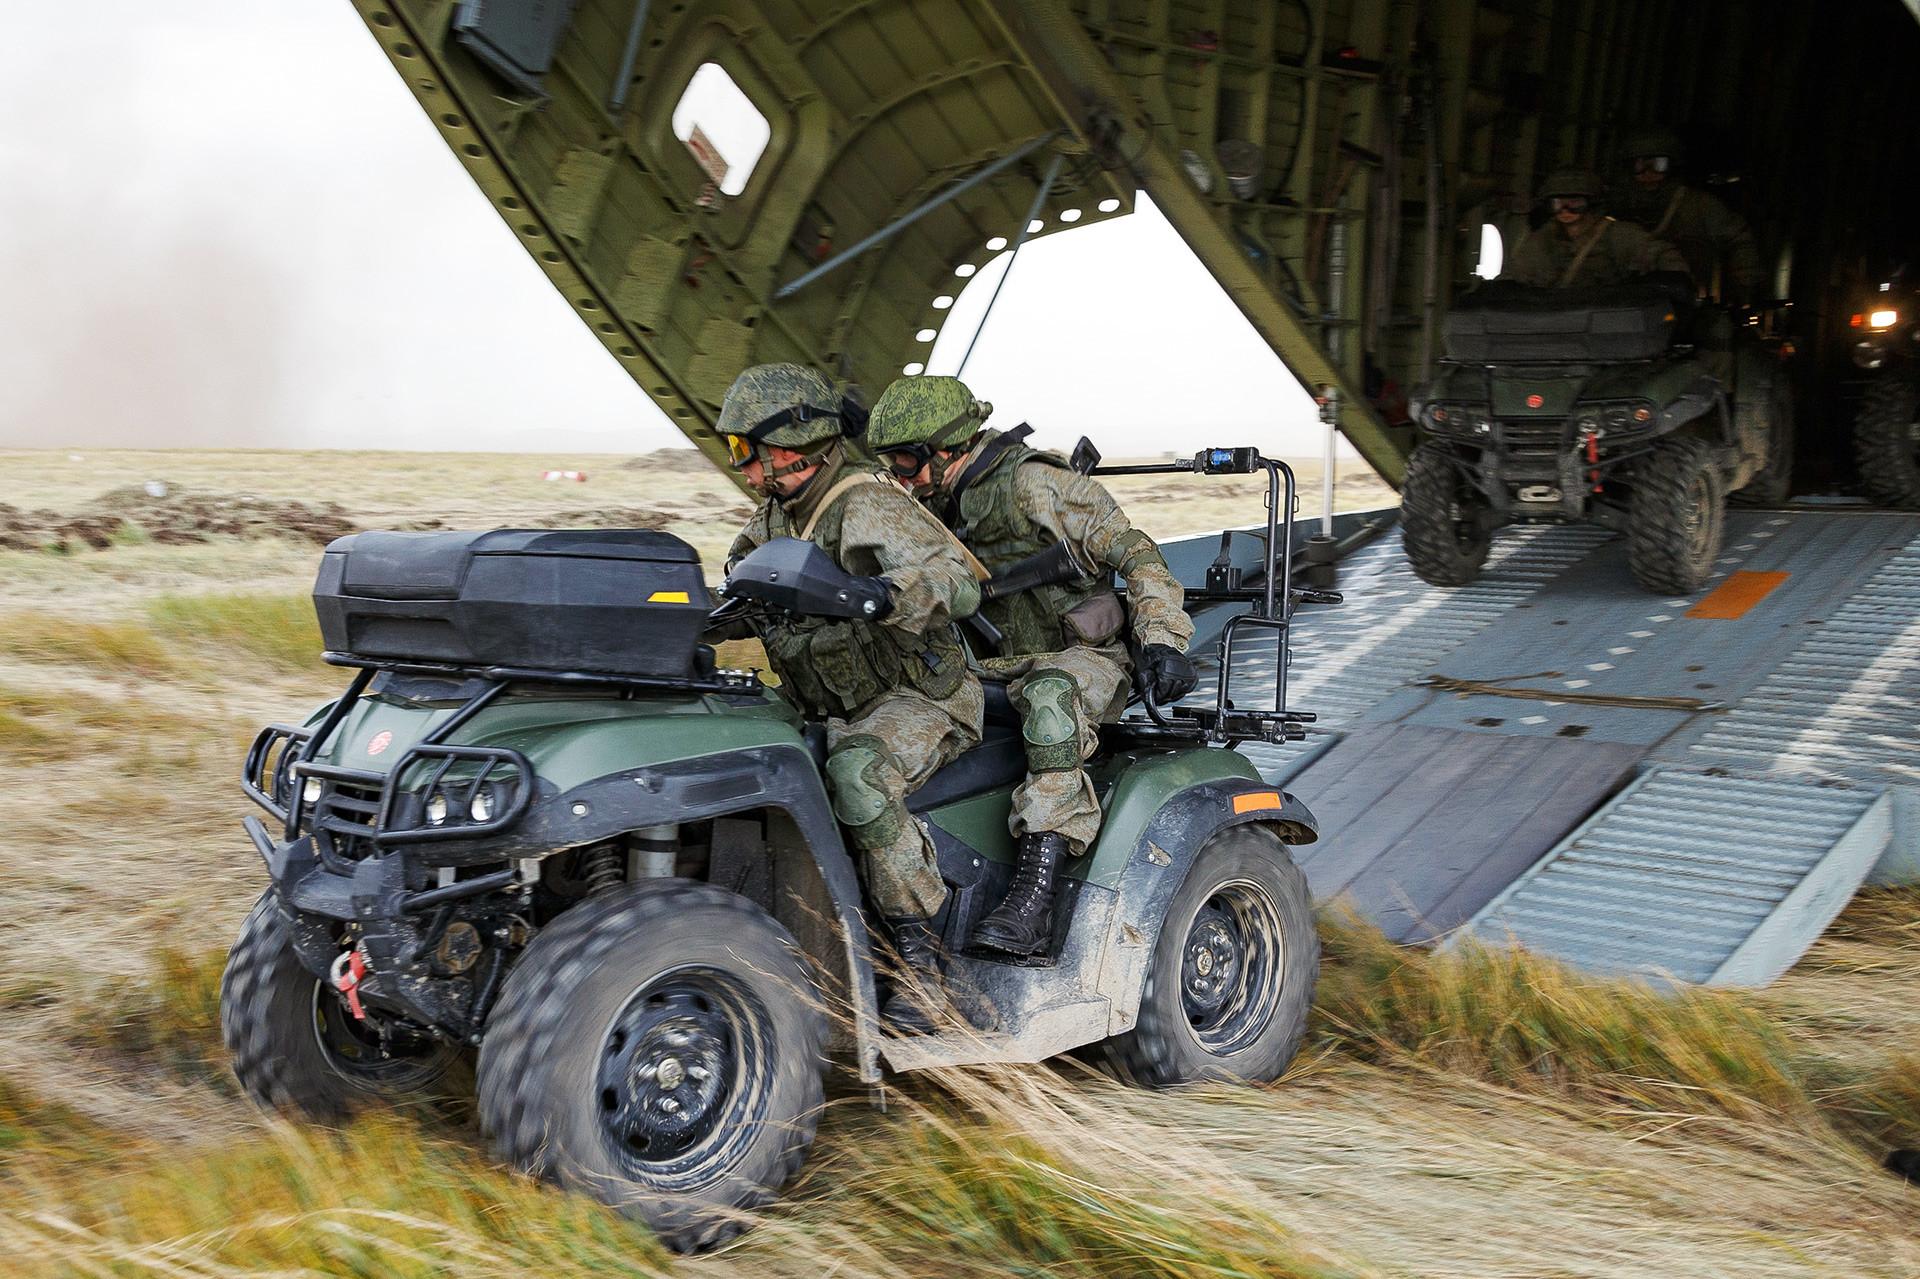 Сuatriciclos А-1 de las Fuerzas Armadas de Rusia.